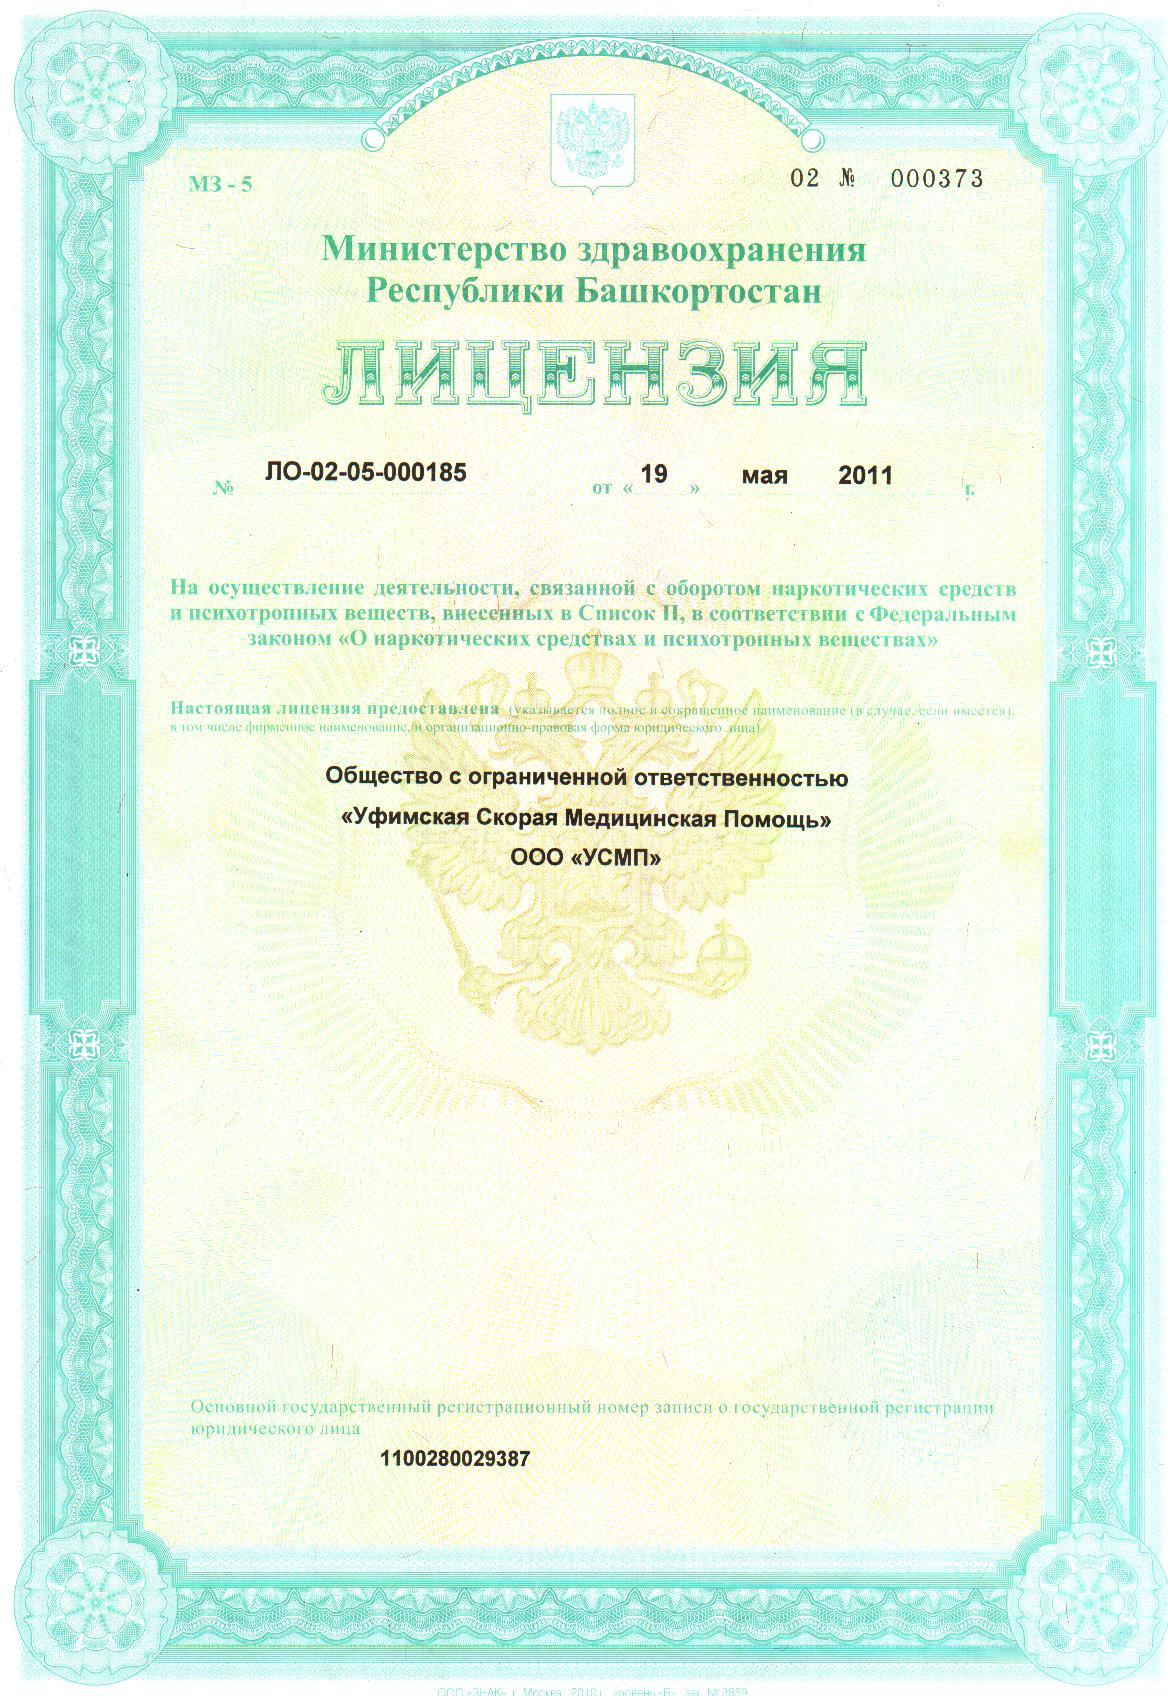 Лицензия-185.jpg 3